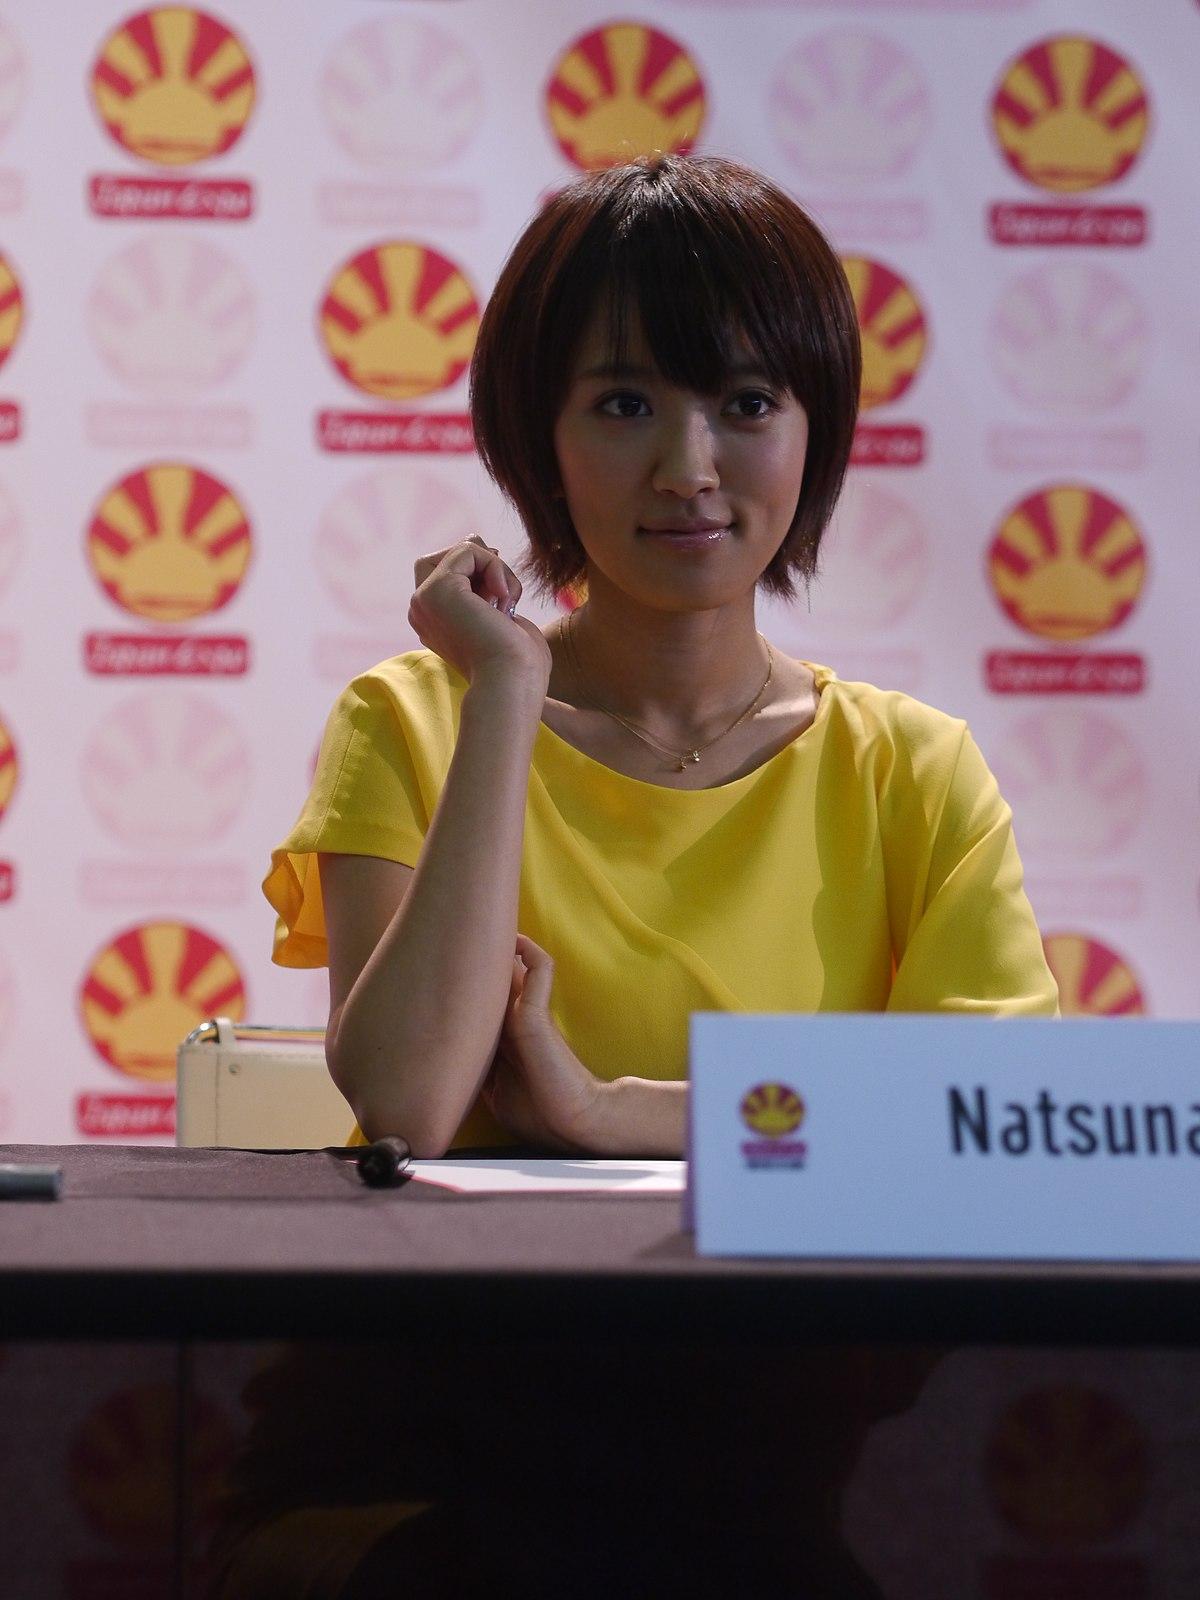 洋服が素敵な純名里沙さん